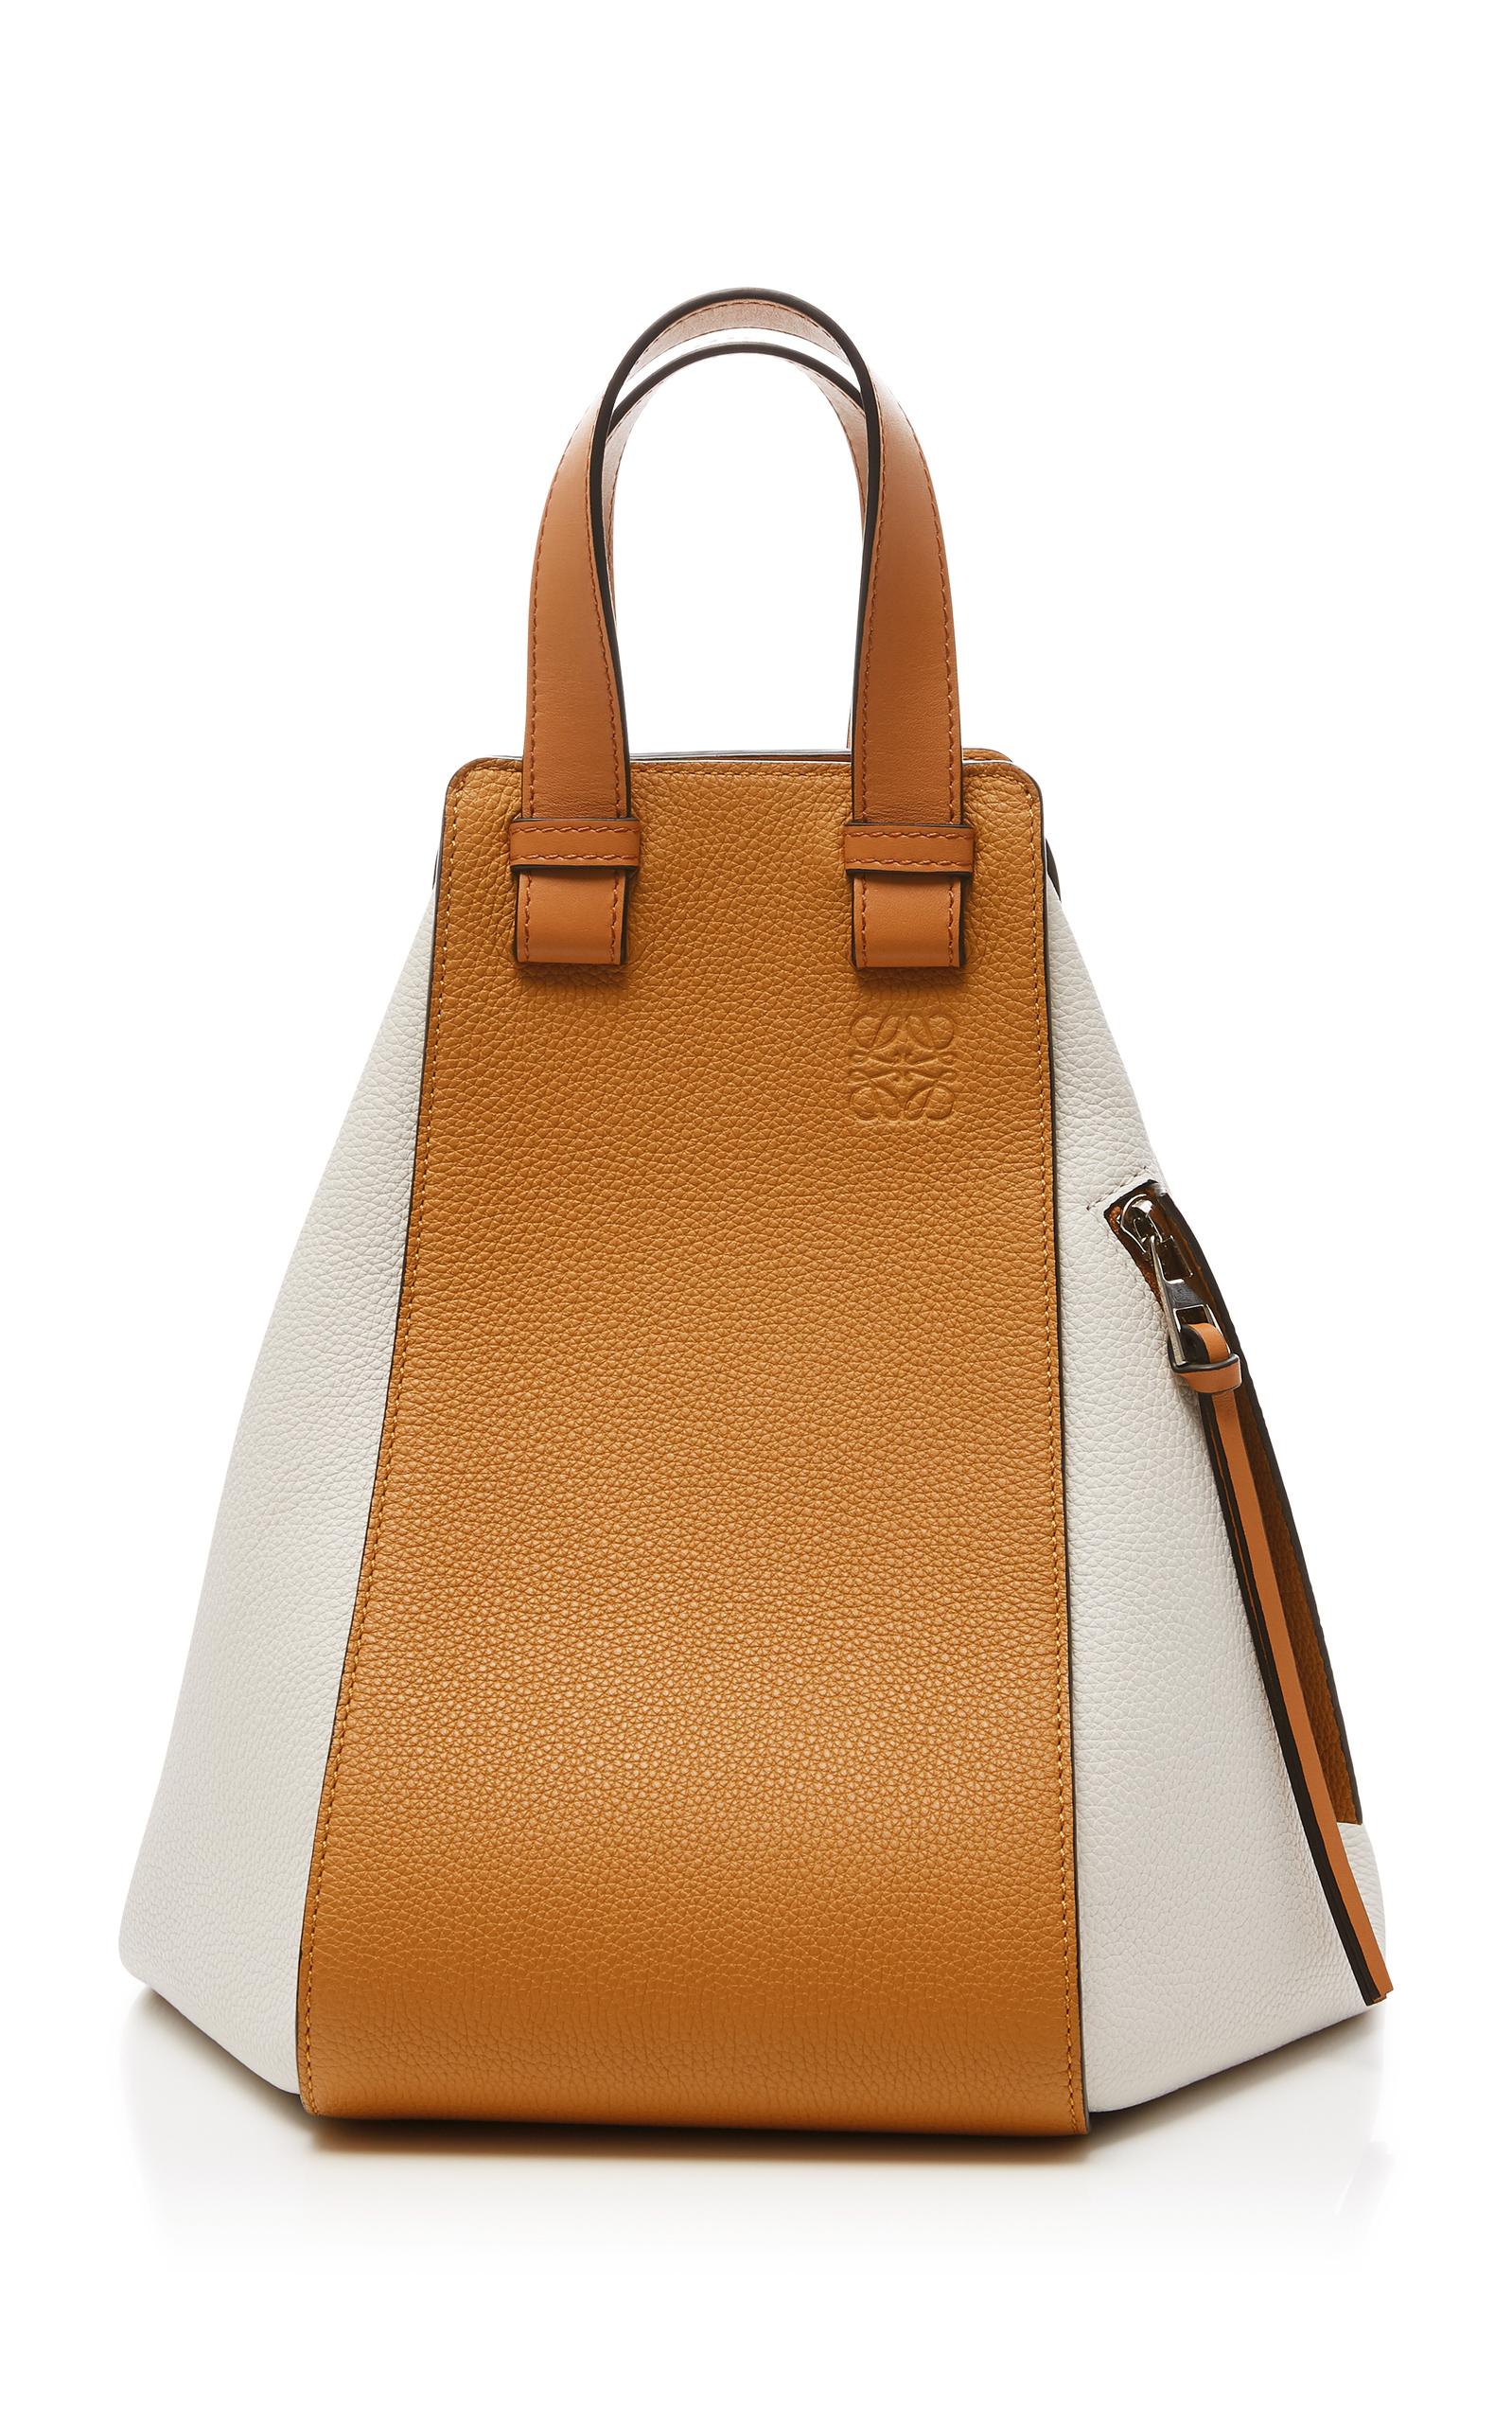 55eda9e4eaf5 LOEWE Hammock Medium Colorblock Leather Satchel Bag